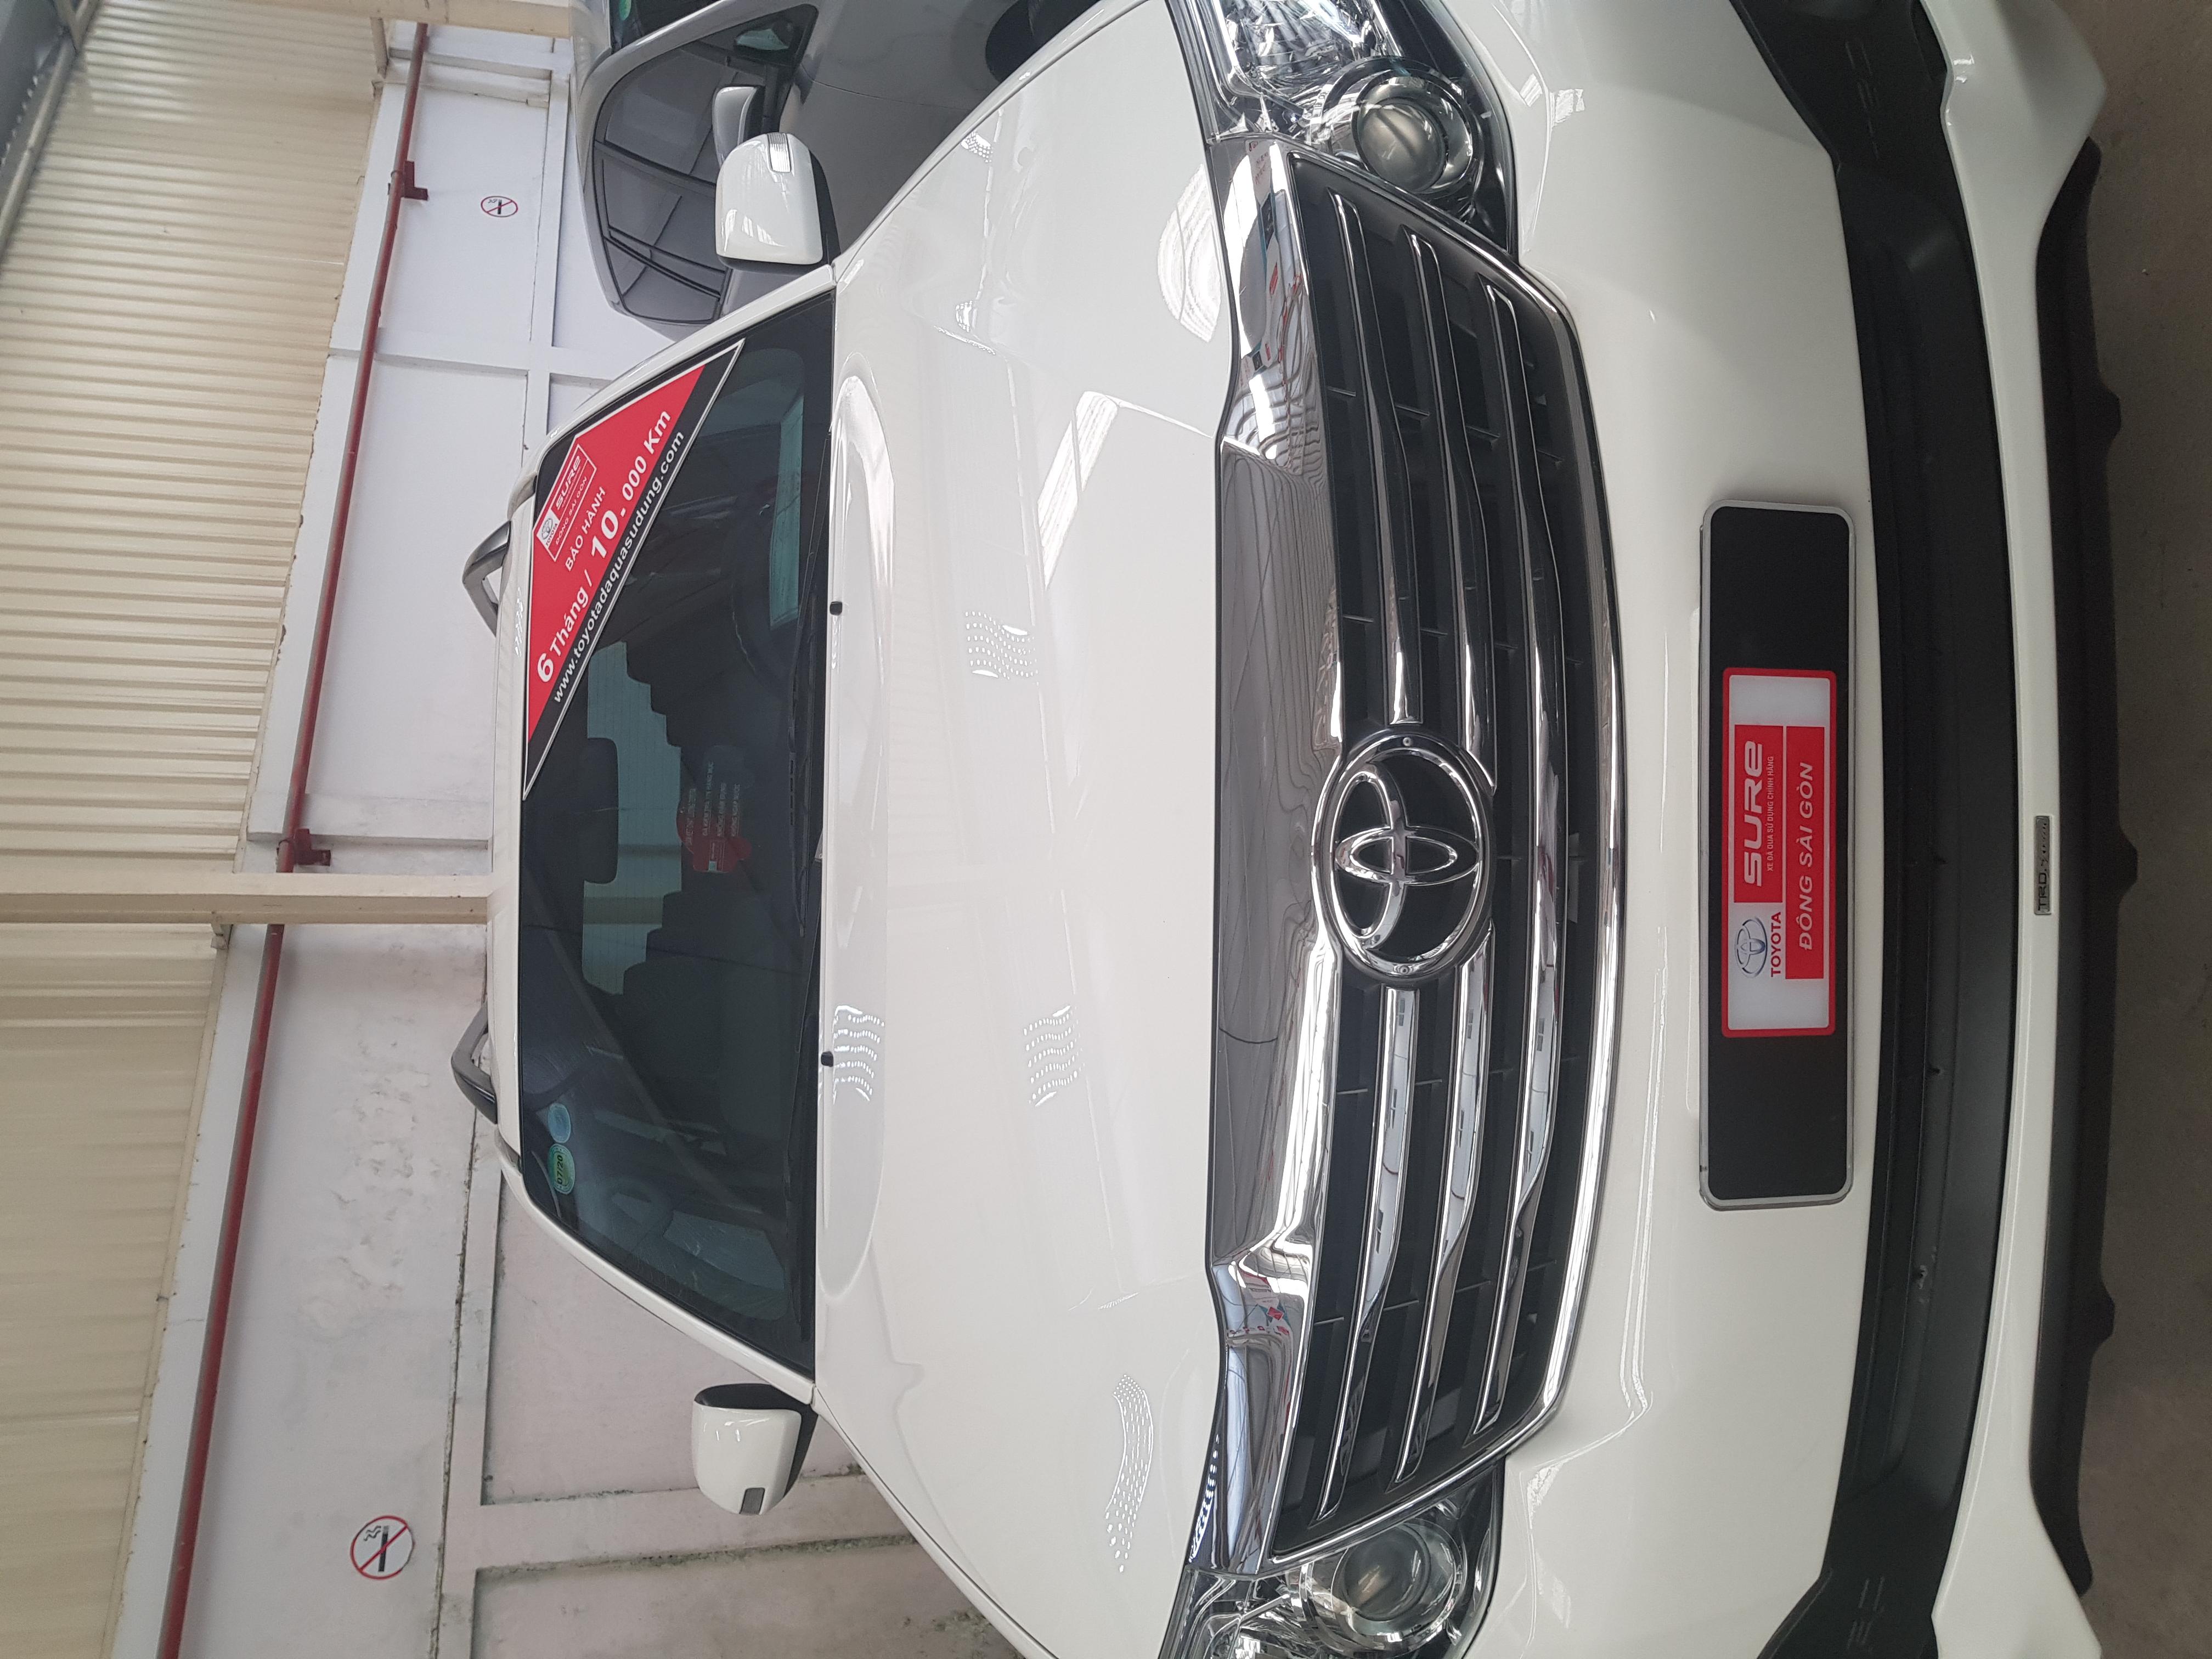 Bán xe Fortuner 2.7g ,trắng ,2015 ,xe có hỗ trợ vay,l.hệ trung 036 686 7378 để dc hỗ trợ giá tốt ạ